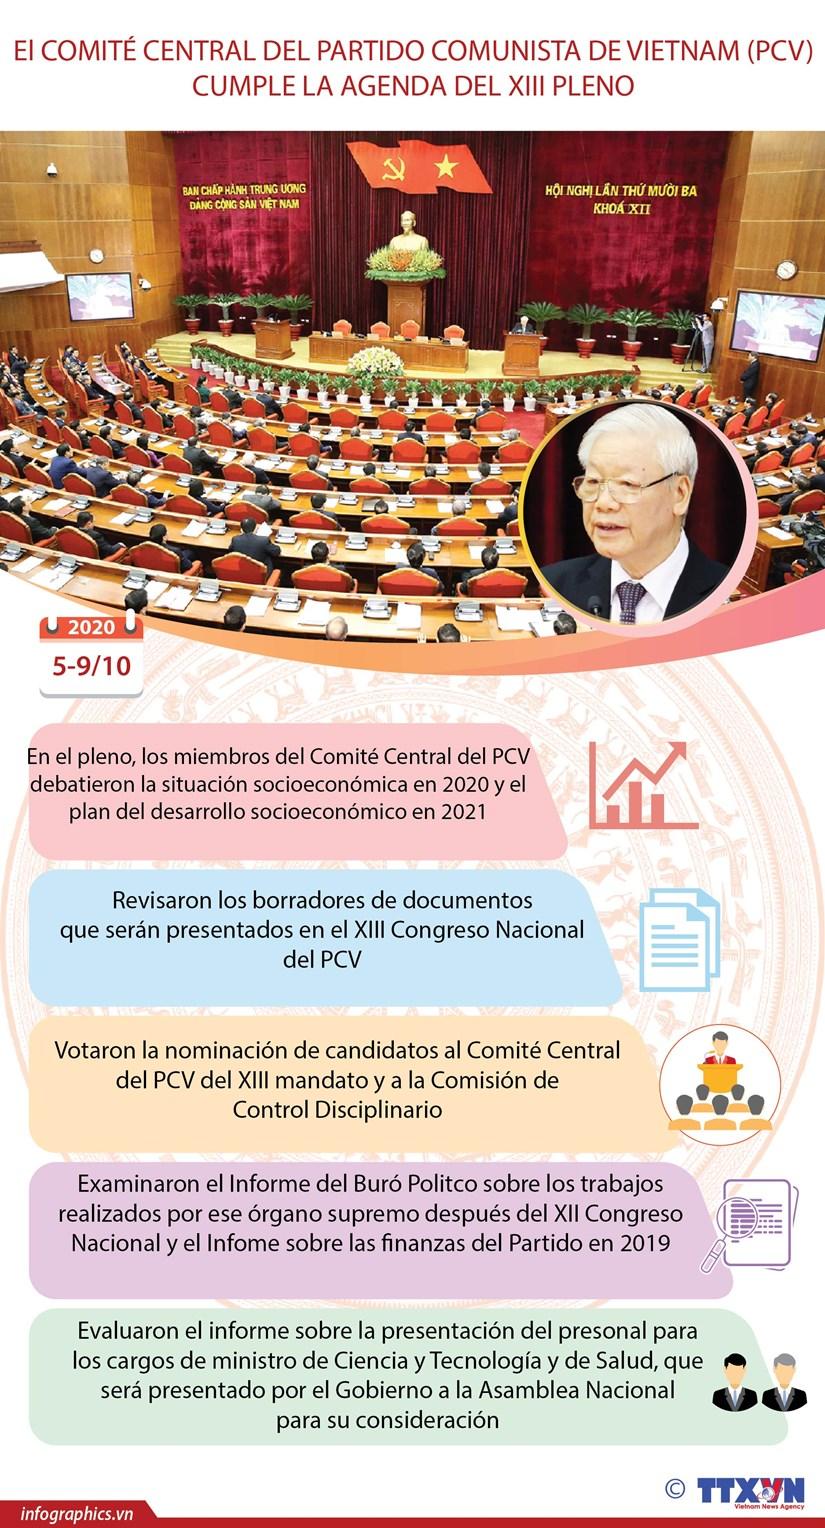 El Comite Central del Partido Comunista de Vietnam cumple la agenda del XIII pleno hinh anh 1